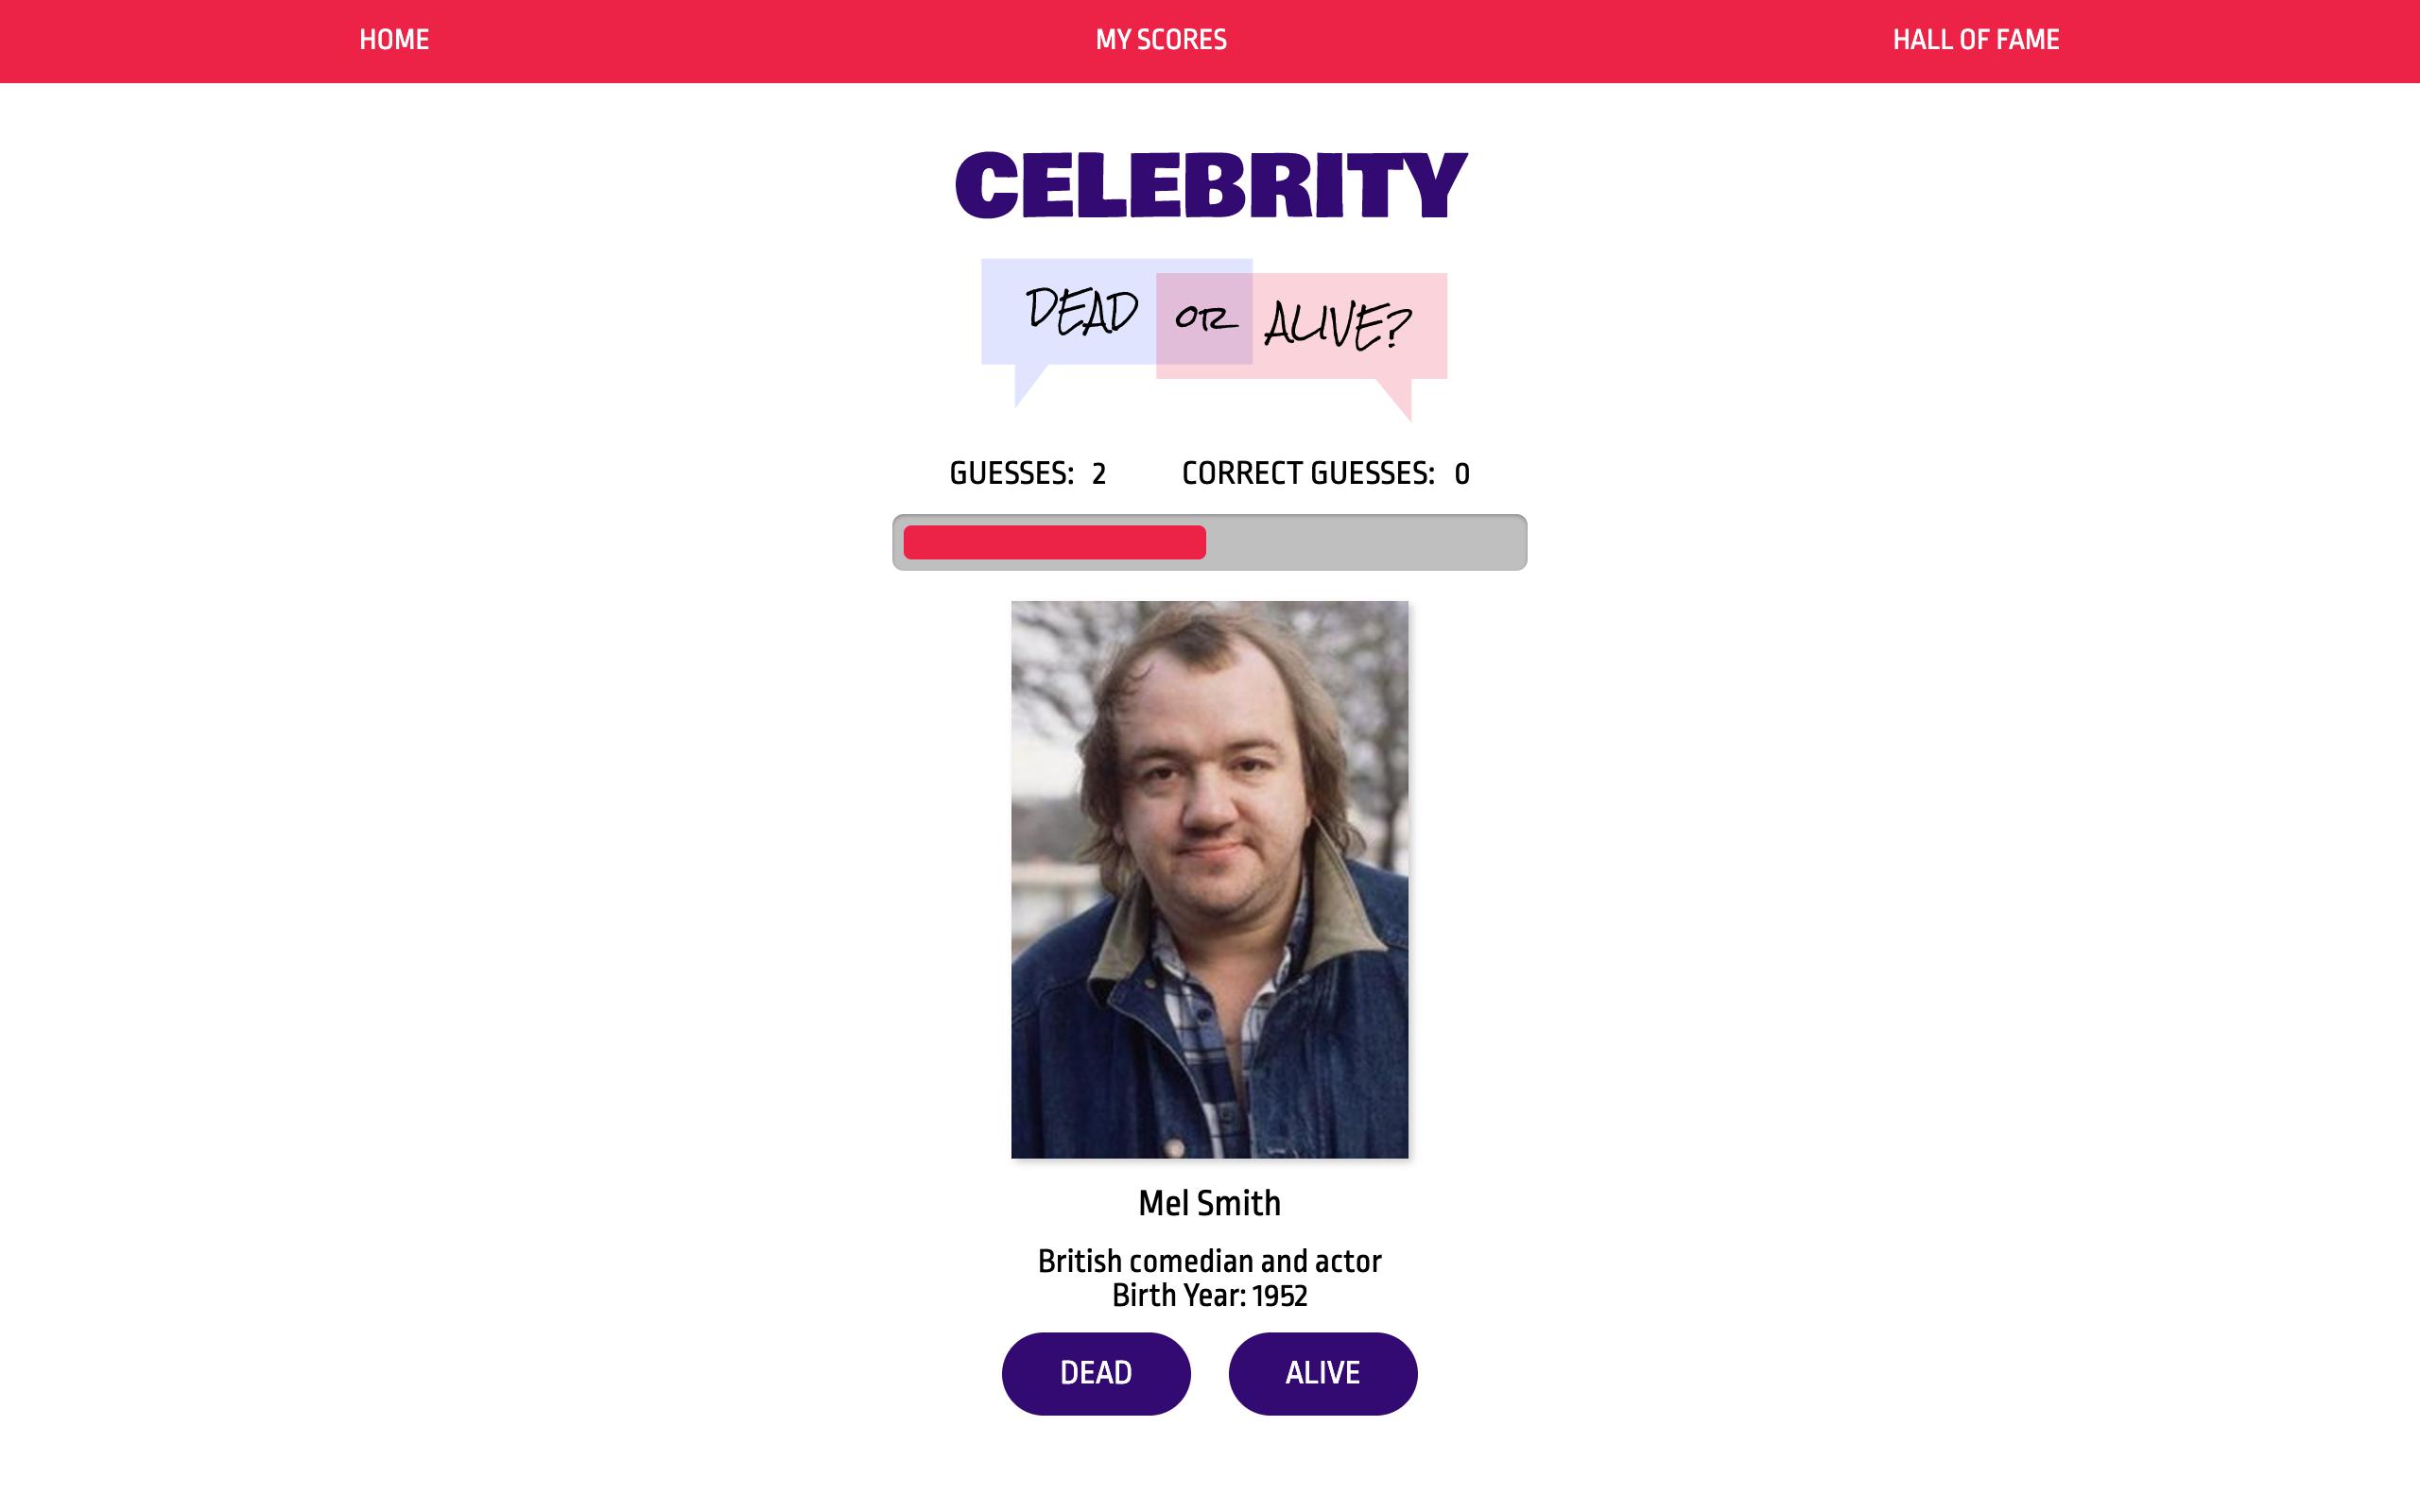 Celebrity Dead or Alive Game